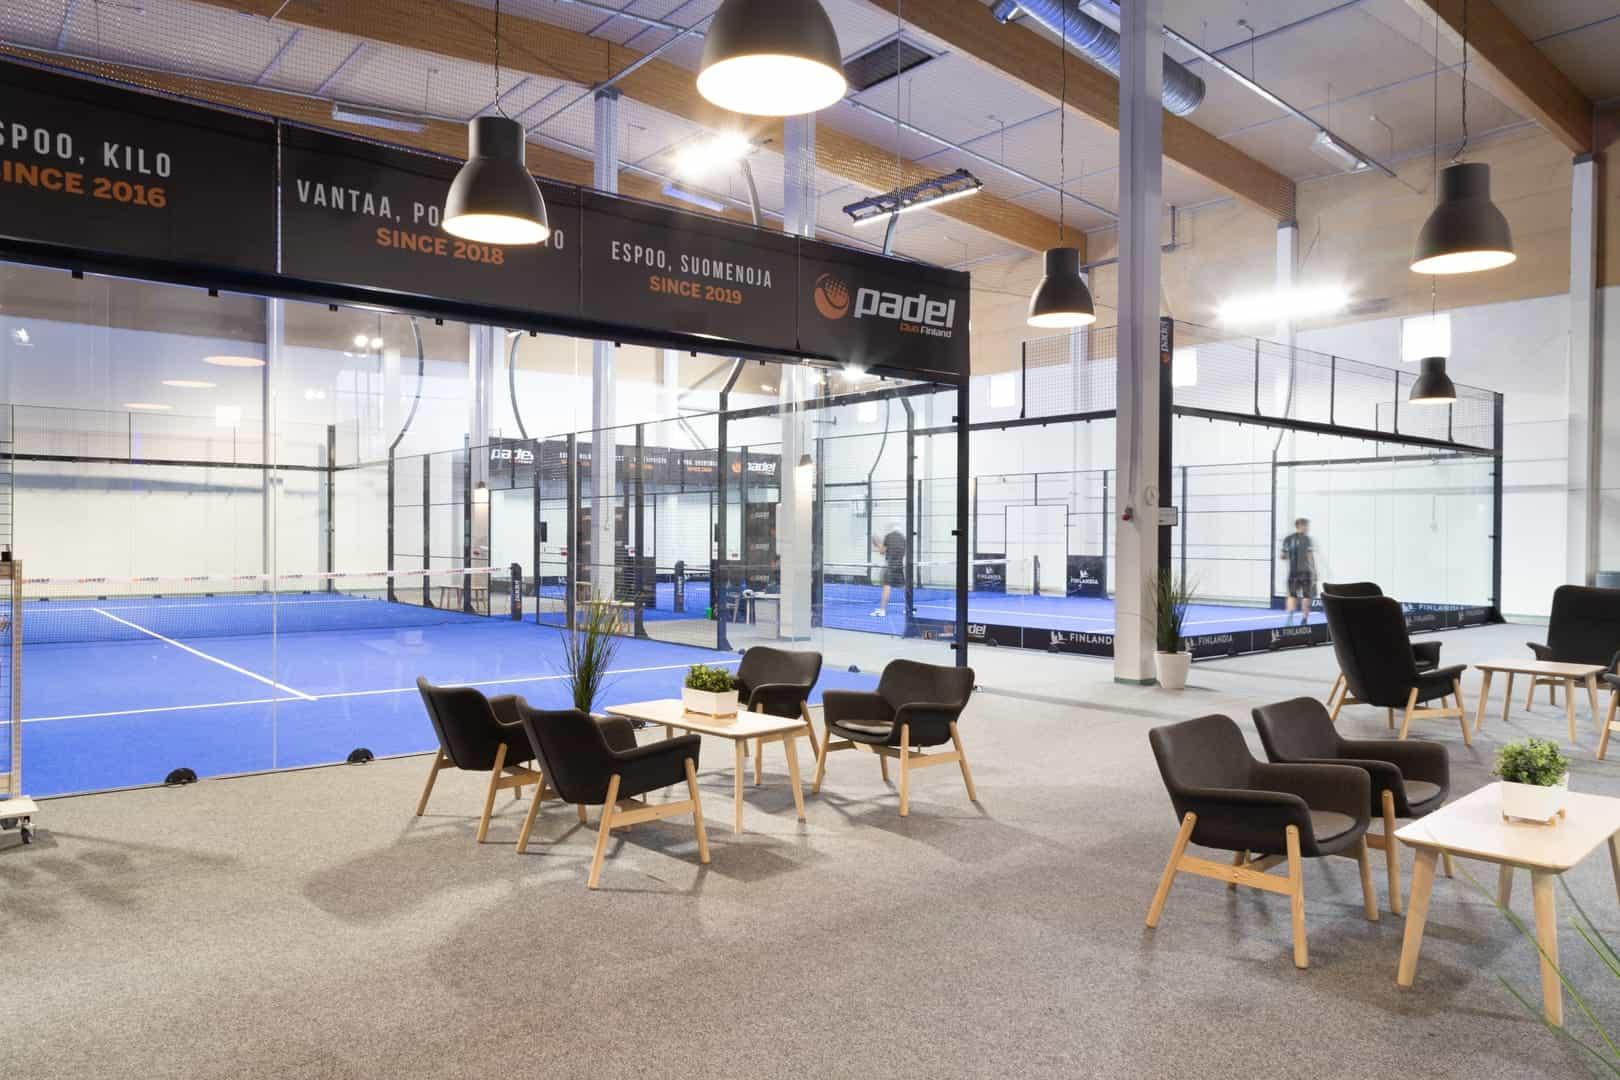 Padel Club Finland Porttipuisto